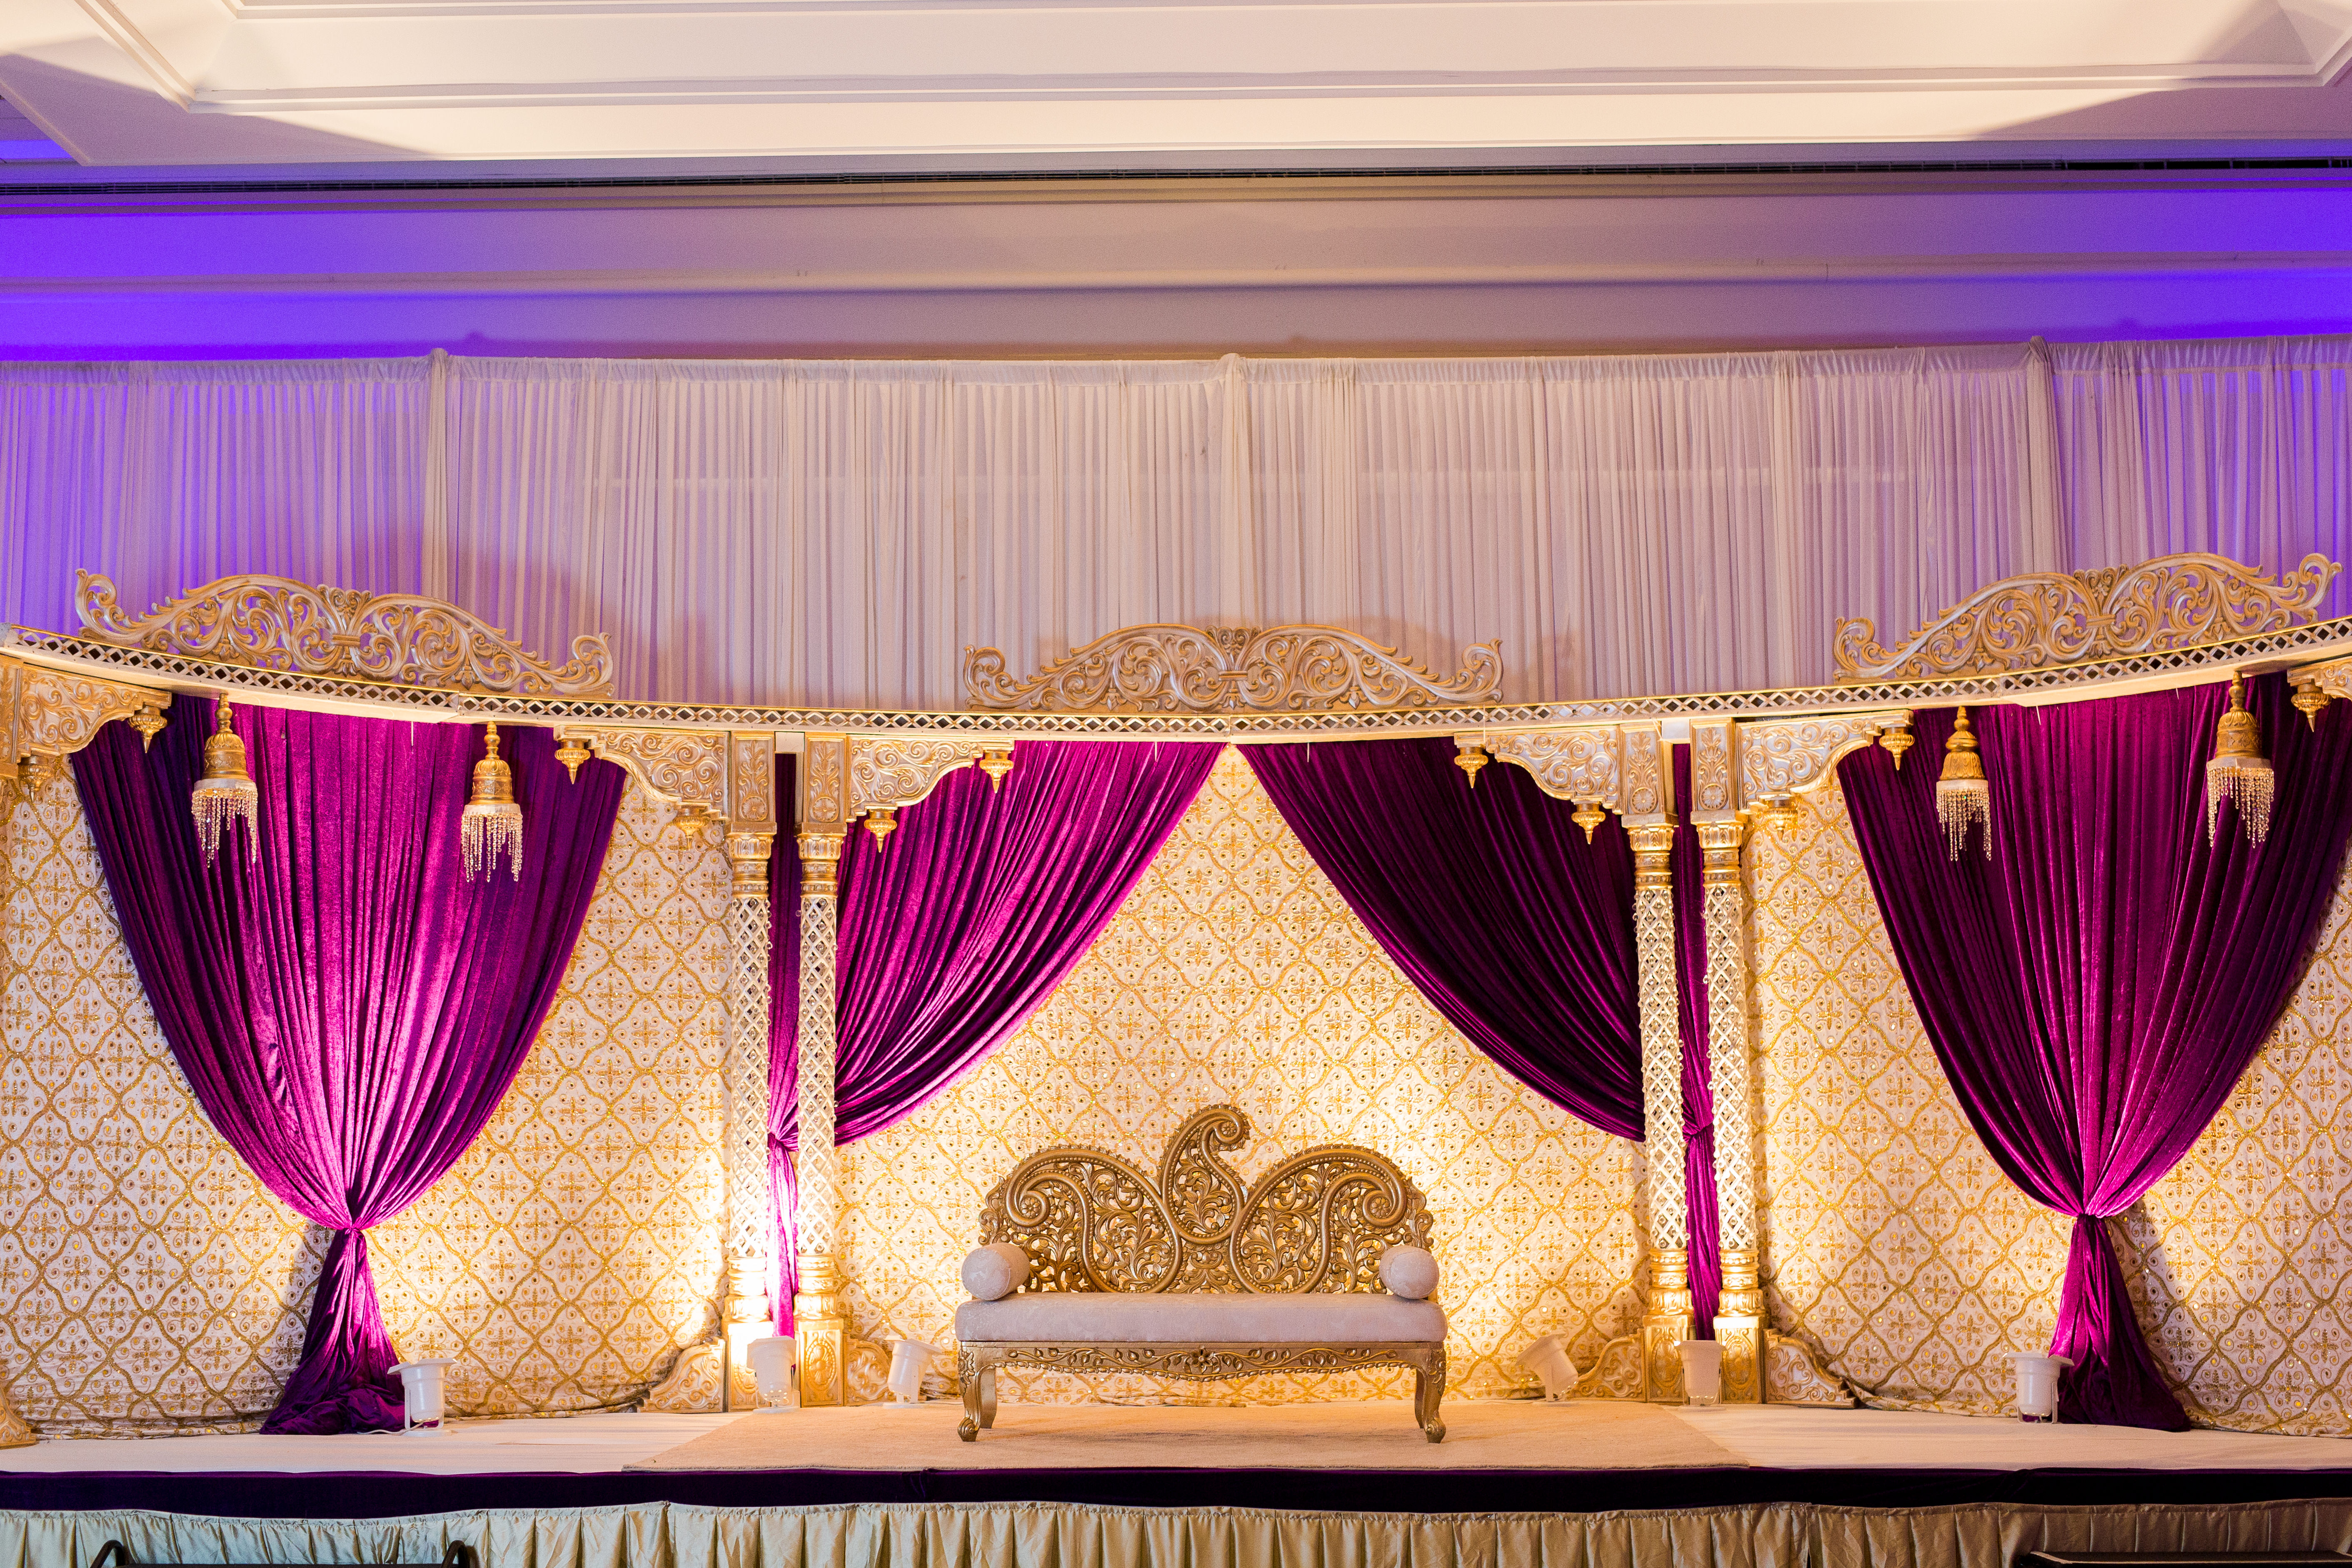 PracheeAlex_Wedding_Reception-14